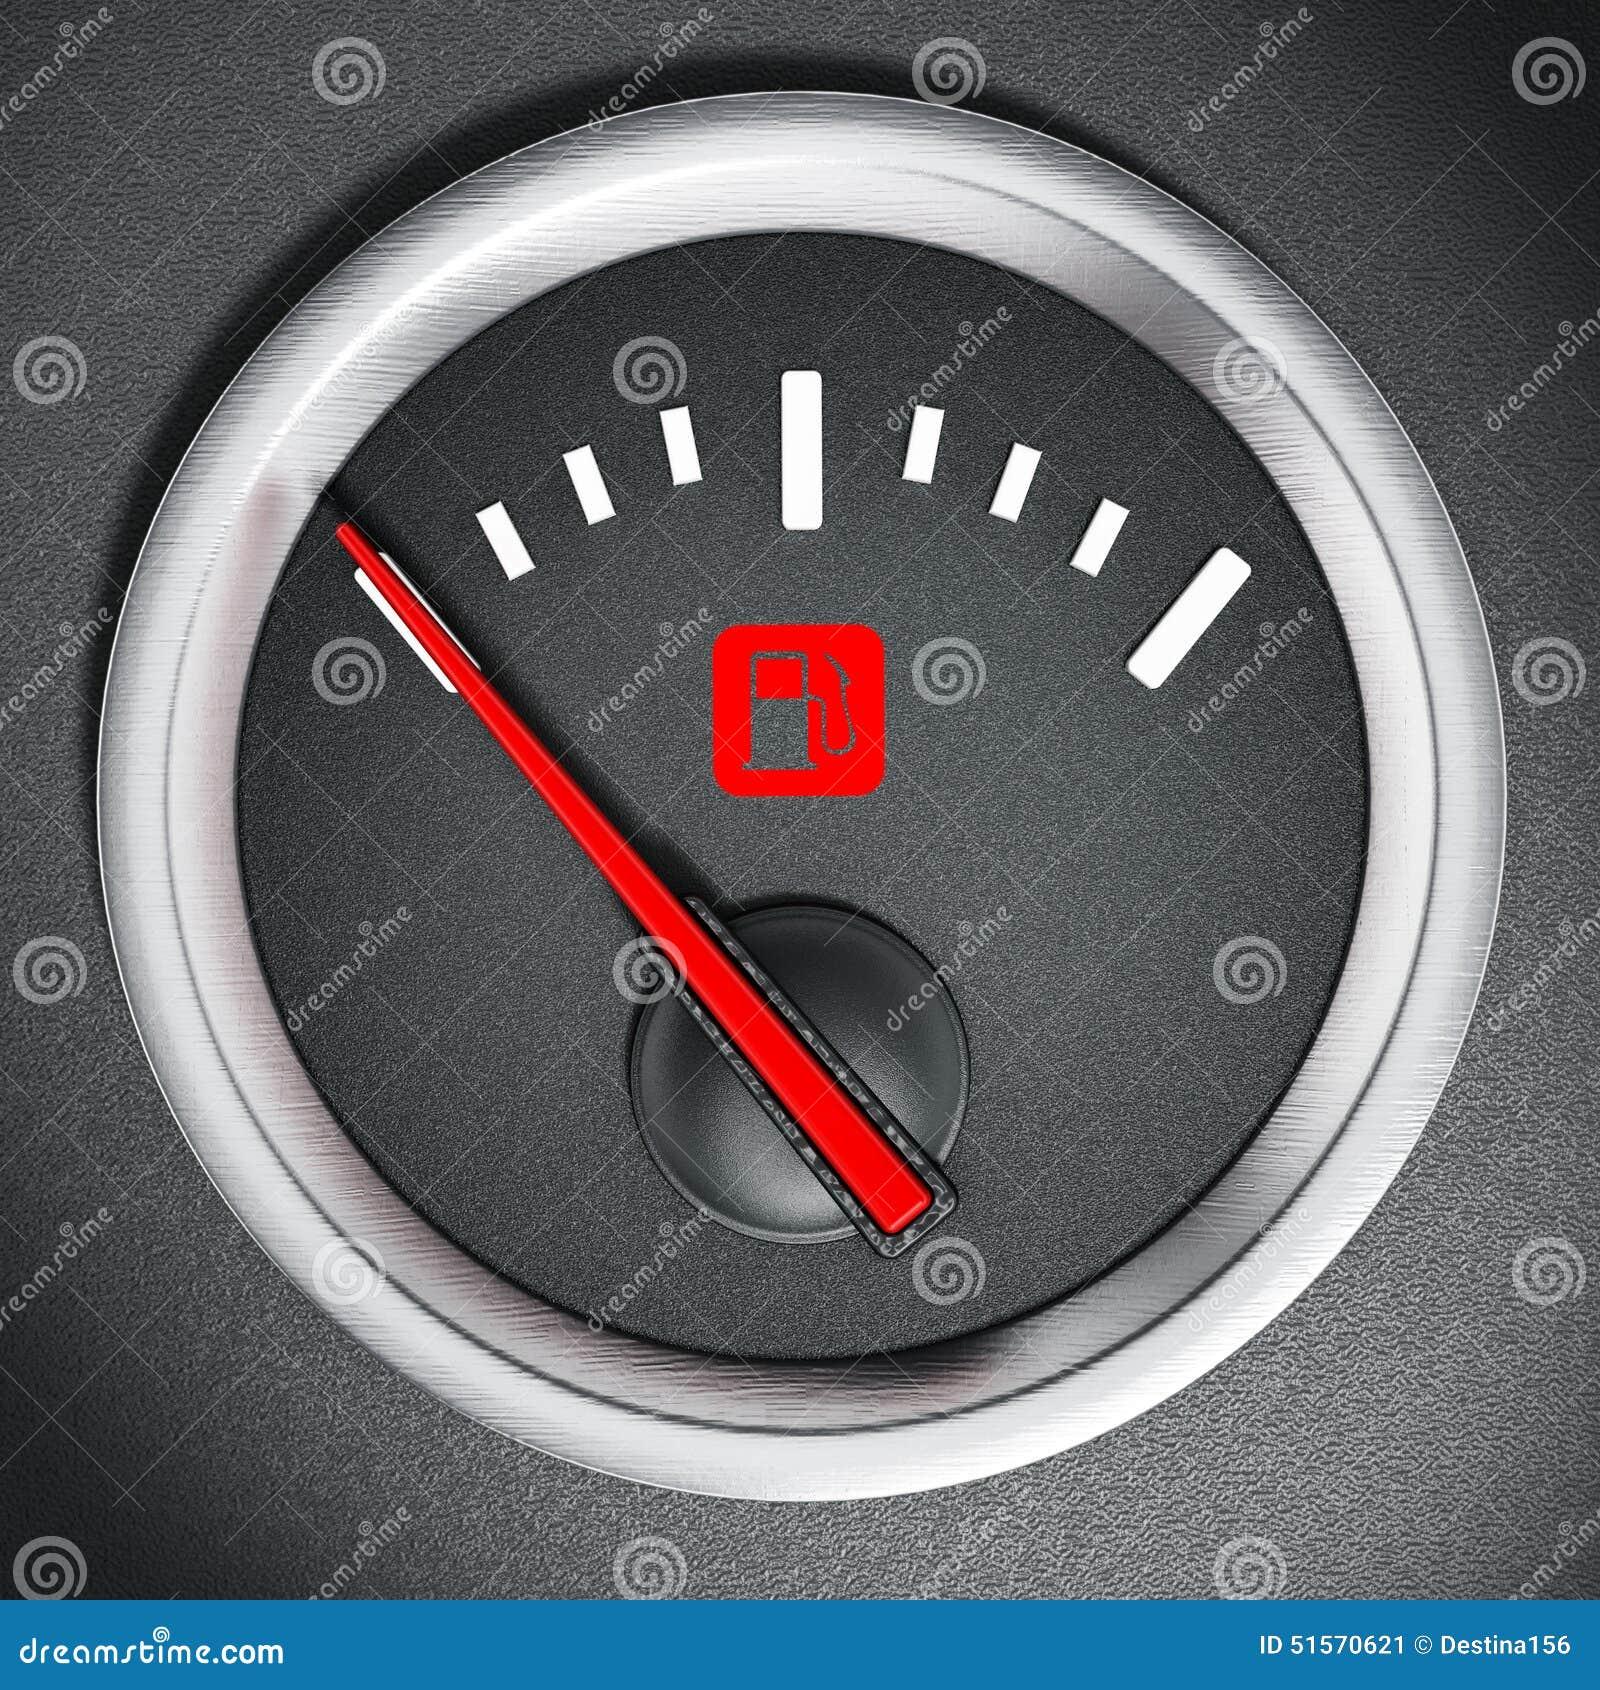 Fuel gauge stock illustration  Illustration of business - 51570621